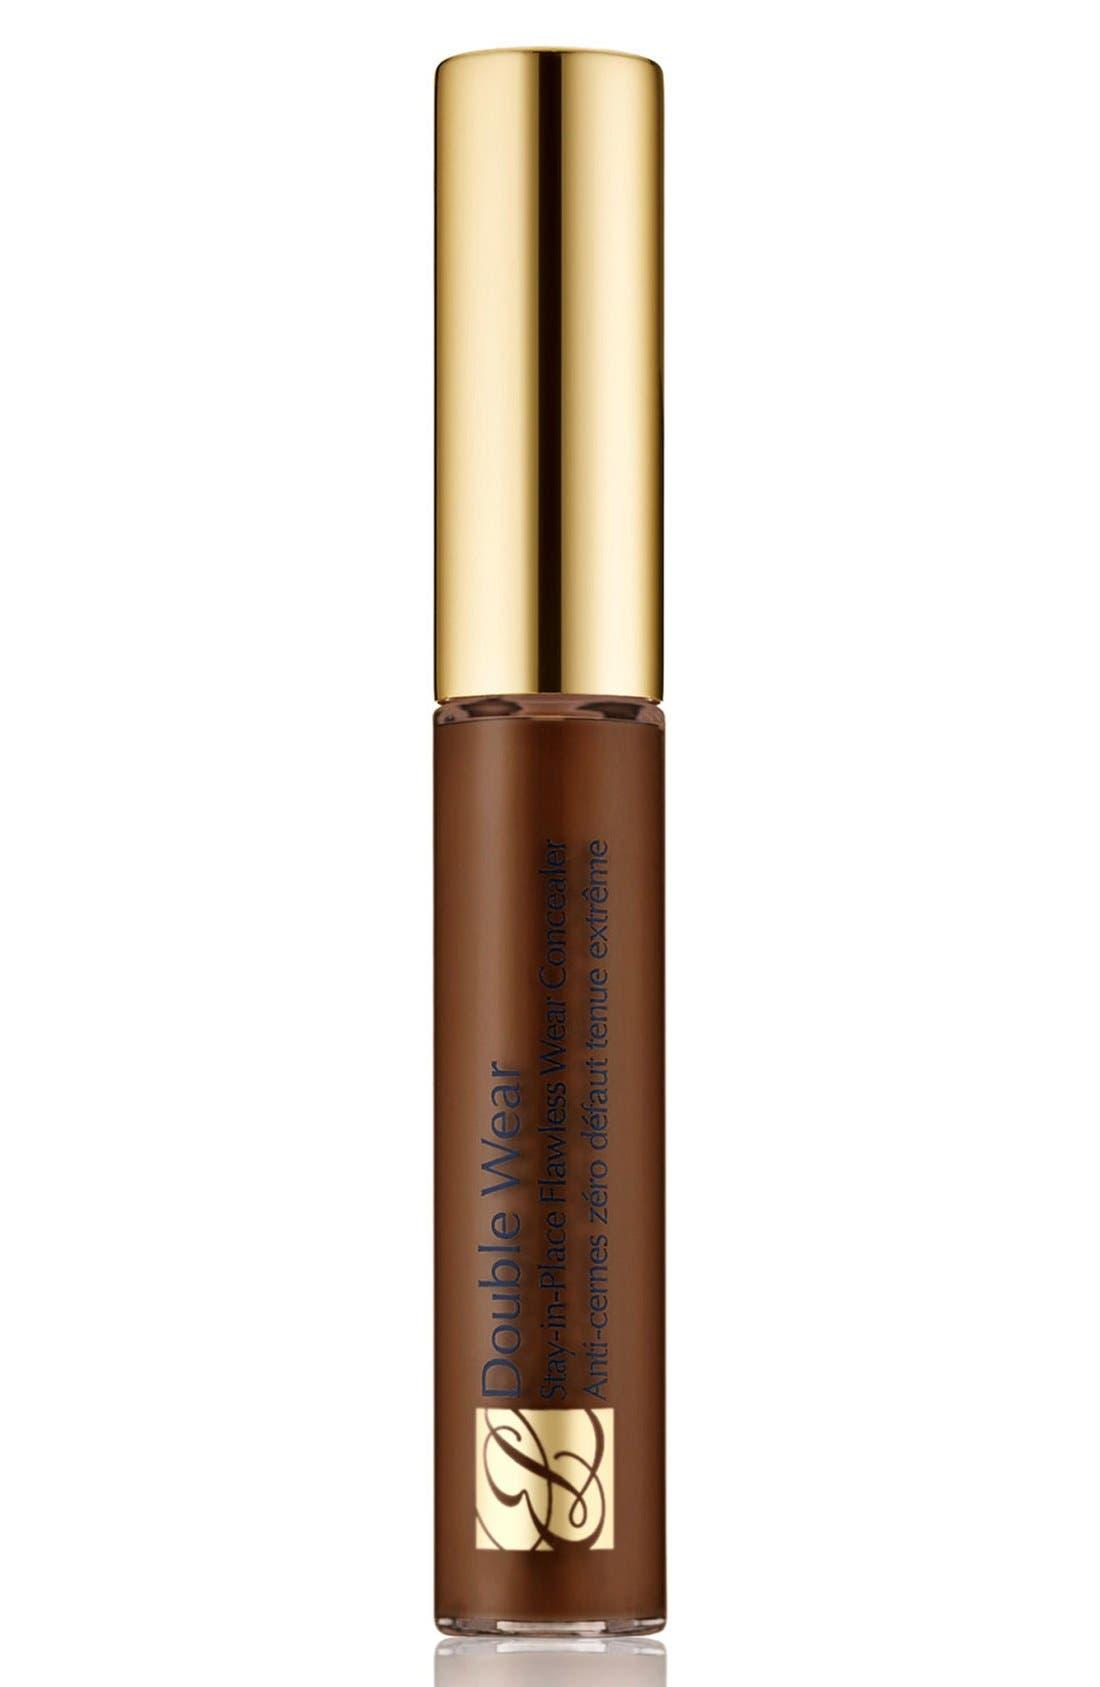 Estee Lauder Double Wear Stay-In-Place Flawless Wear Concealer - 7N Ulta Deep / Neutral